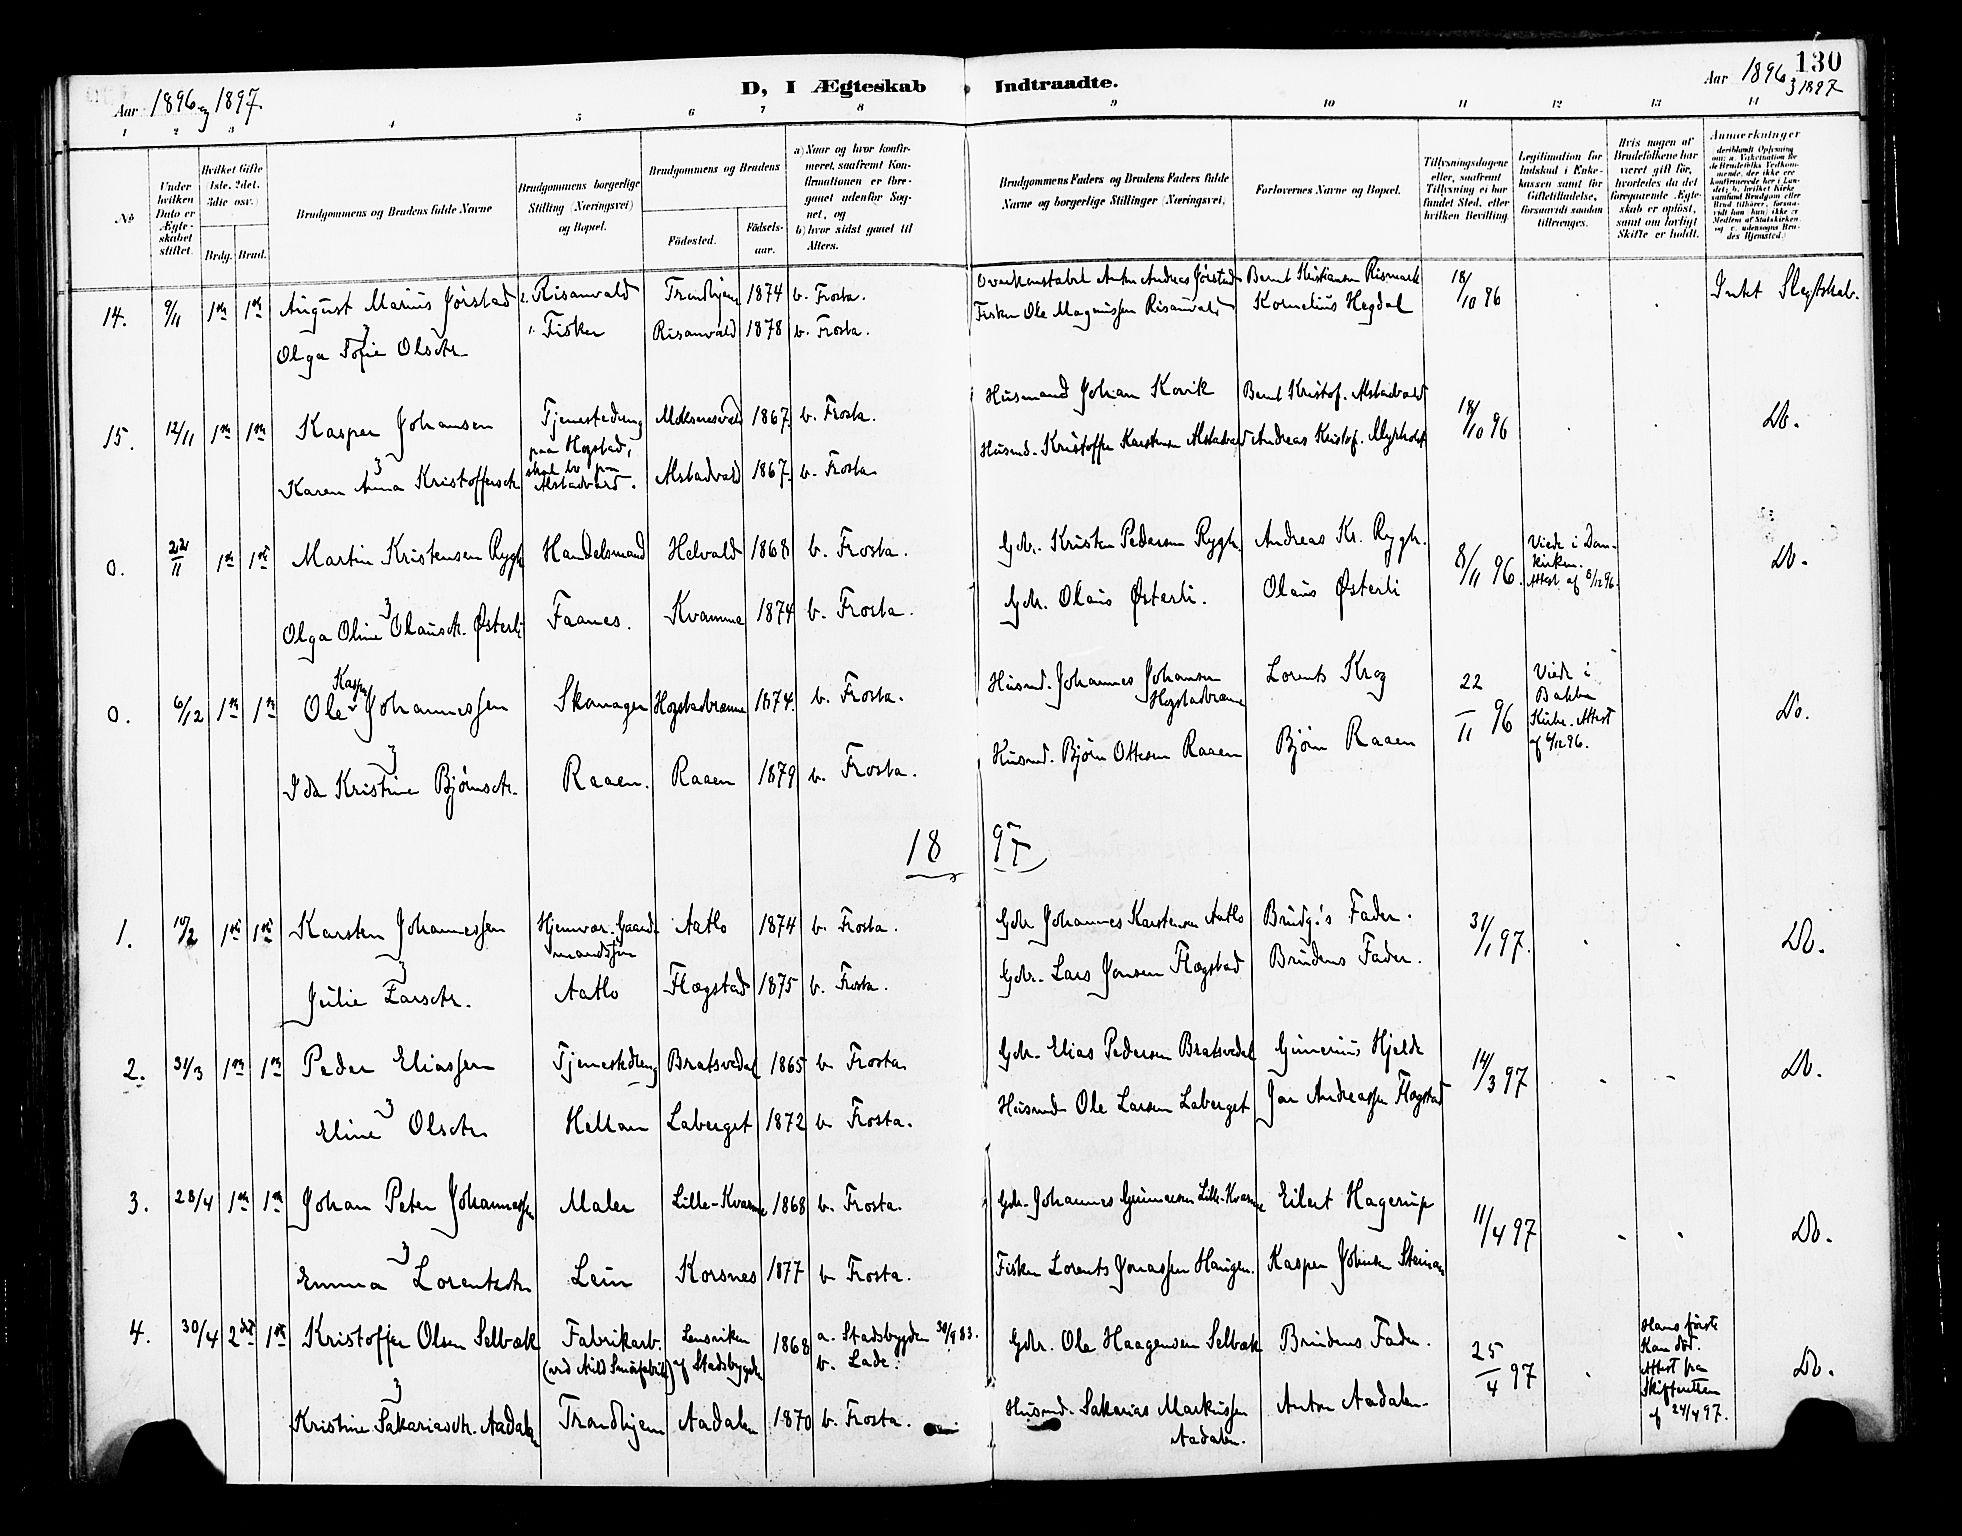 SAT, Ministerialprotokoller, klokkerbøker og fødselsregistre - Nord-Trøndelag, 713/L0121: Ministerialbok nr. 713A10, 1888-1898, s. 130